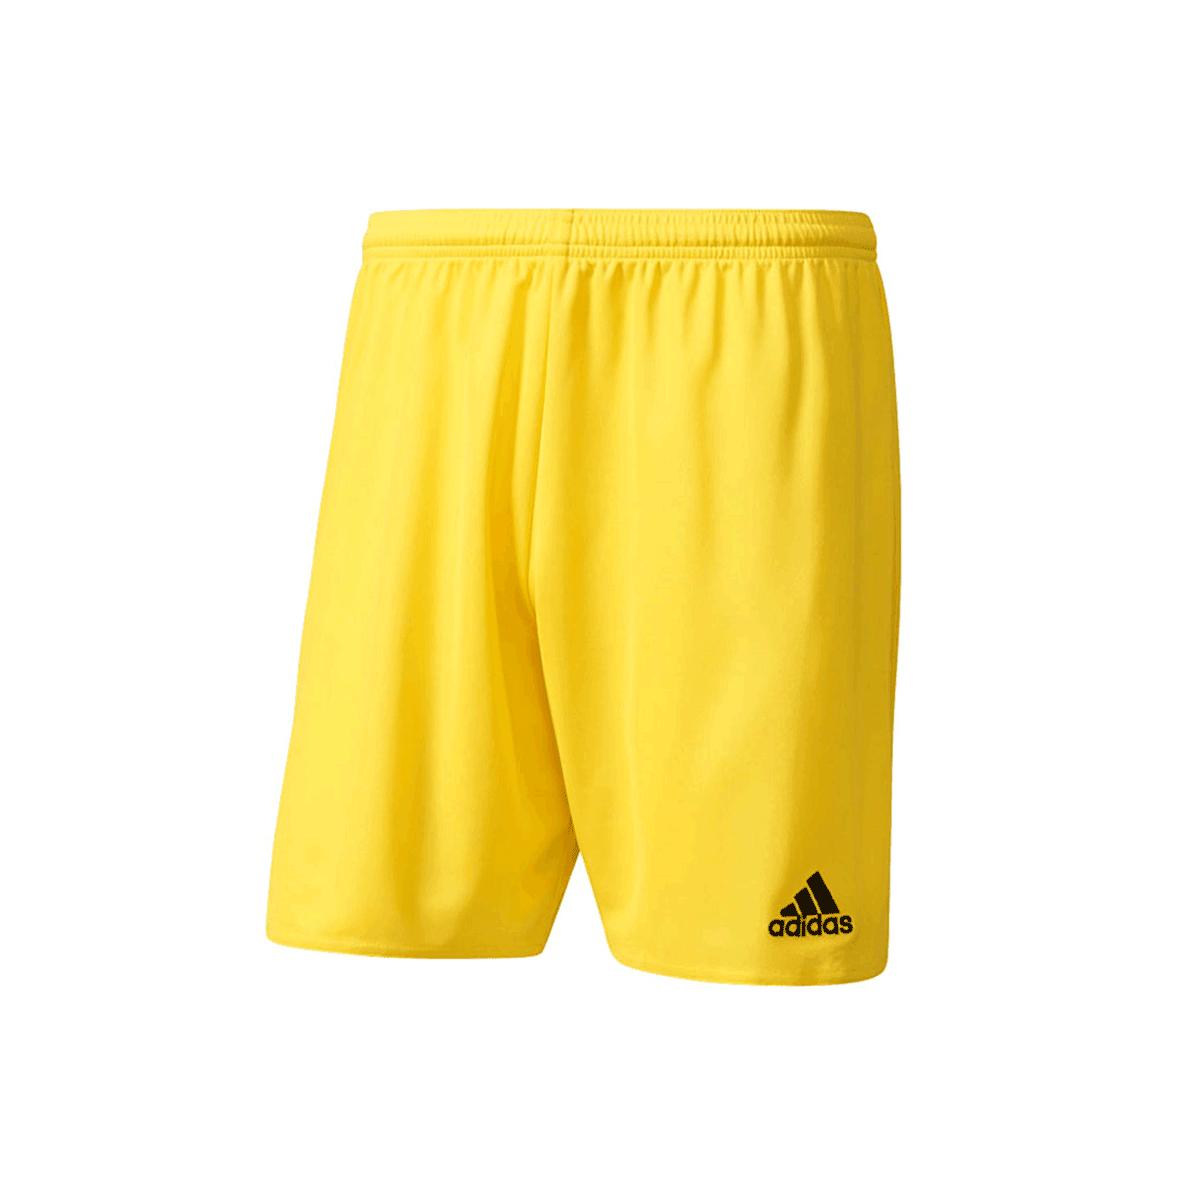 adidas Short Parma 16 gelbschwarz